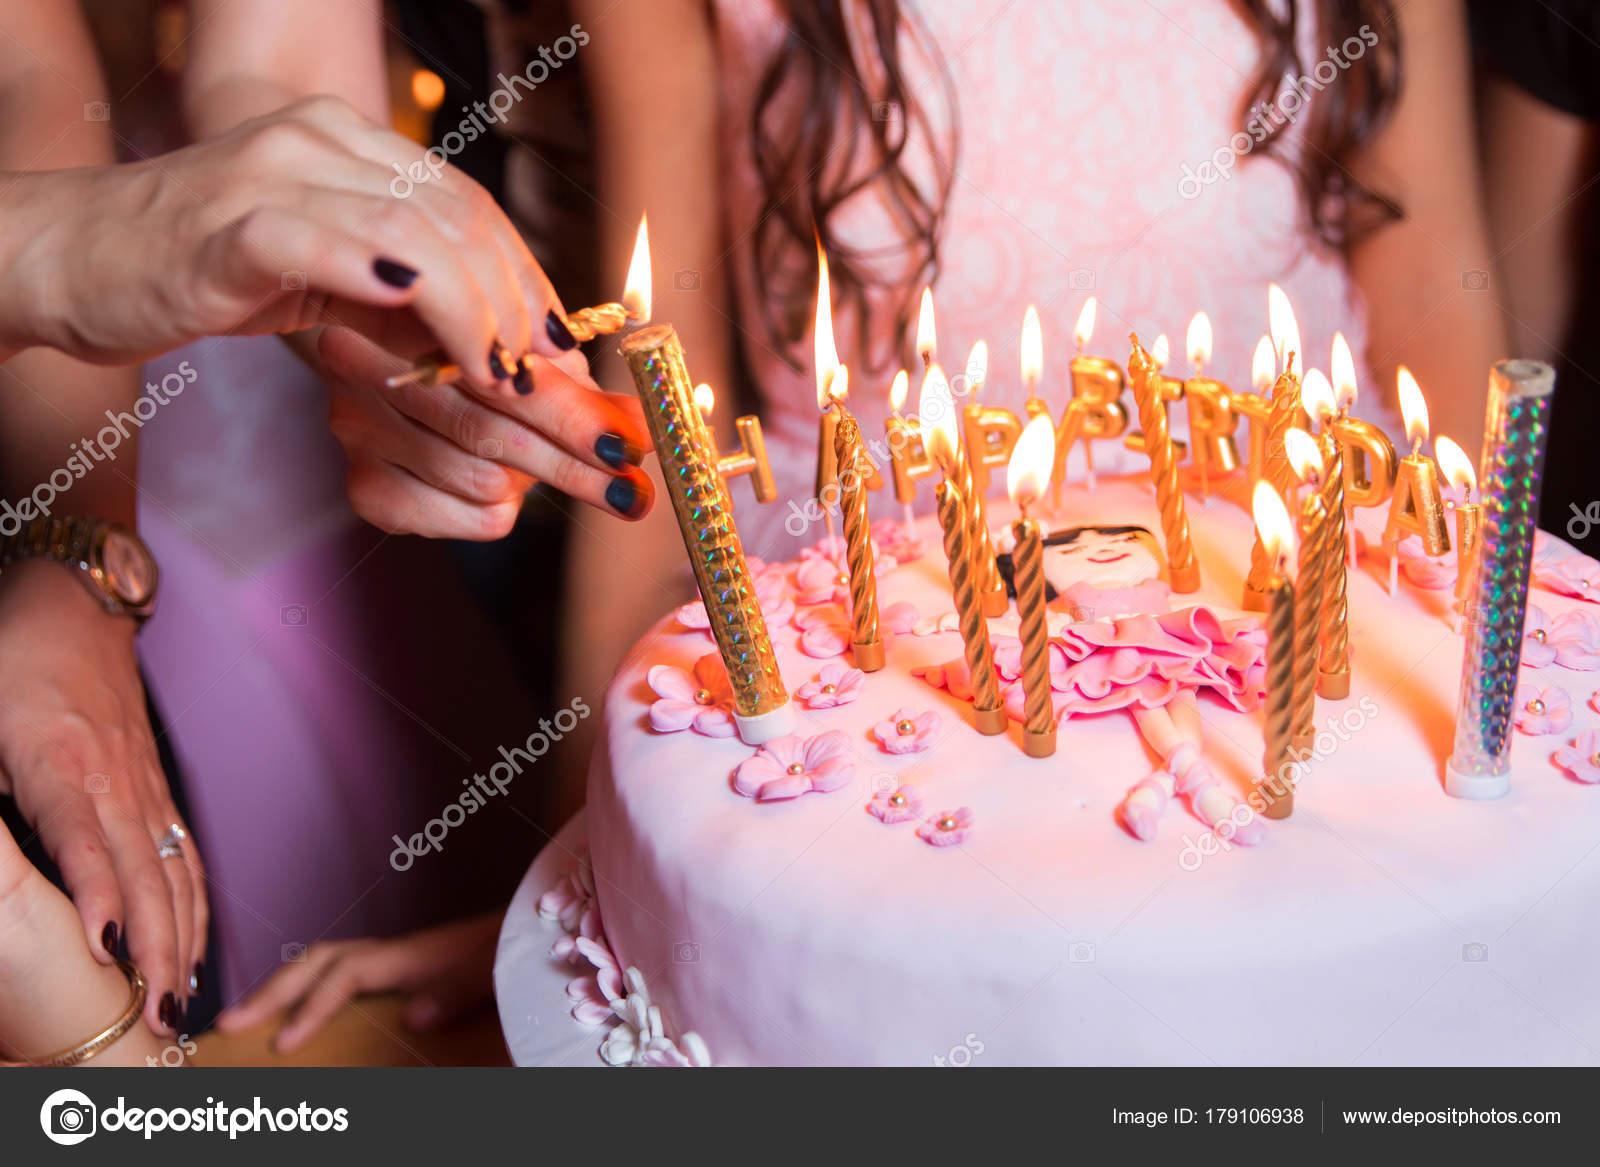 2017 свечи на вершине торта — стоковое фото © stock.